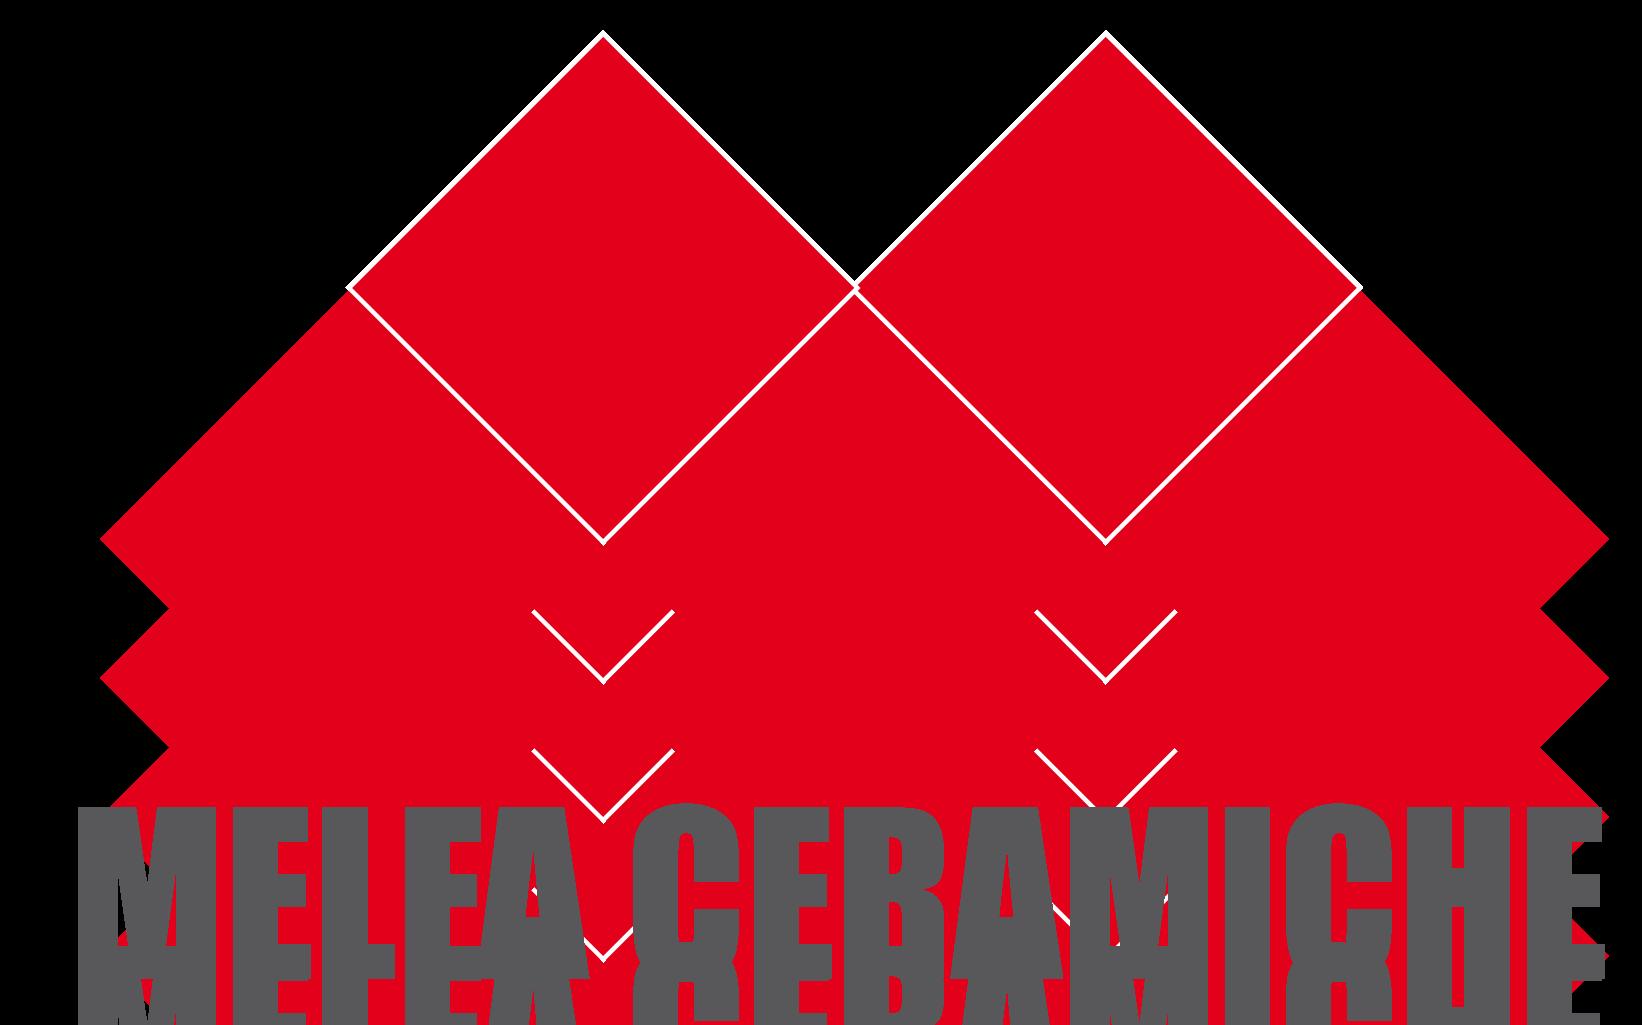 melfa ceramiche - arredo bagno, sanitari, rubinetterie ... - Arredo Bagno Palermo E Provincia